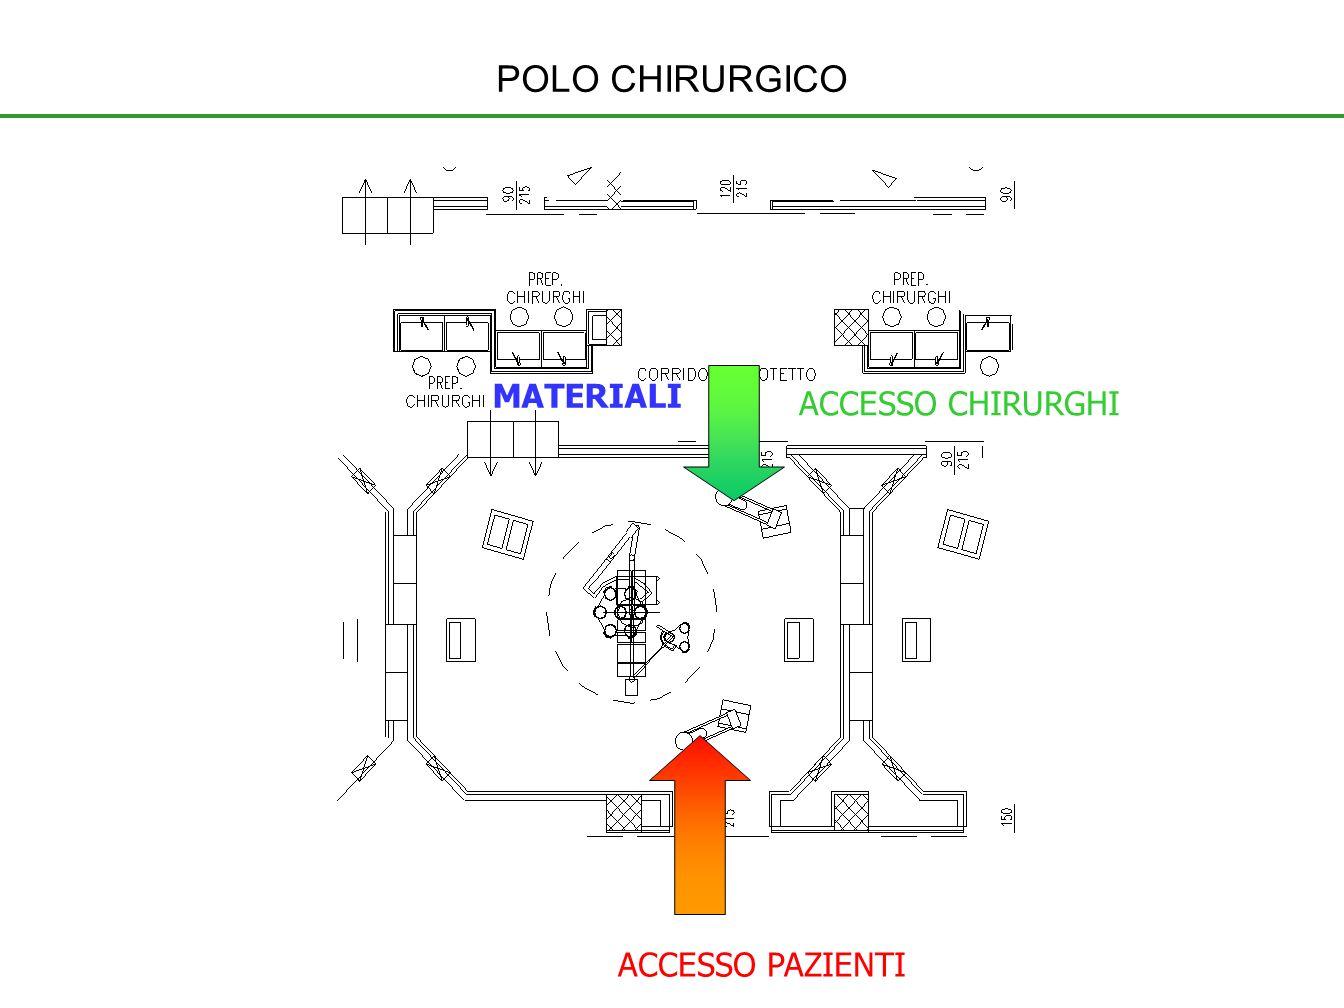 ACCESSO CHIRURGHI ACCESSO PAZIENTI MATERIALI POLO CHIRURGICO